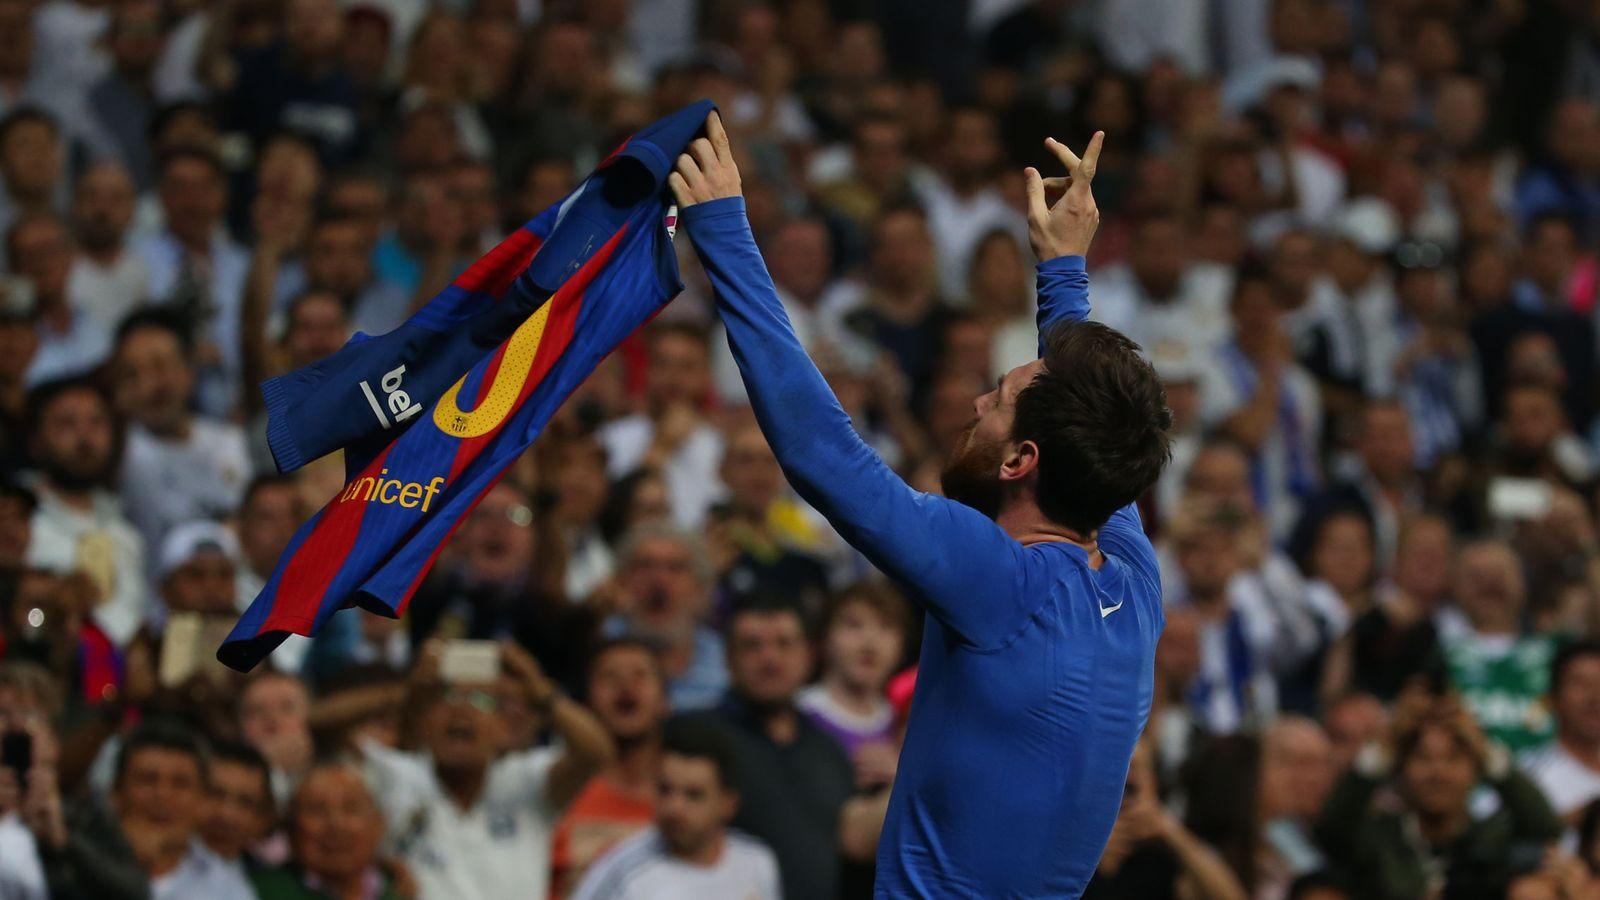 Foto: Messi celebra el gol que dio el triunfo al Barcelona la pasada temporada en el Bernabéu. (Reuters)